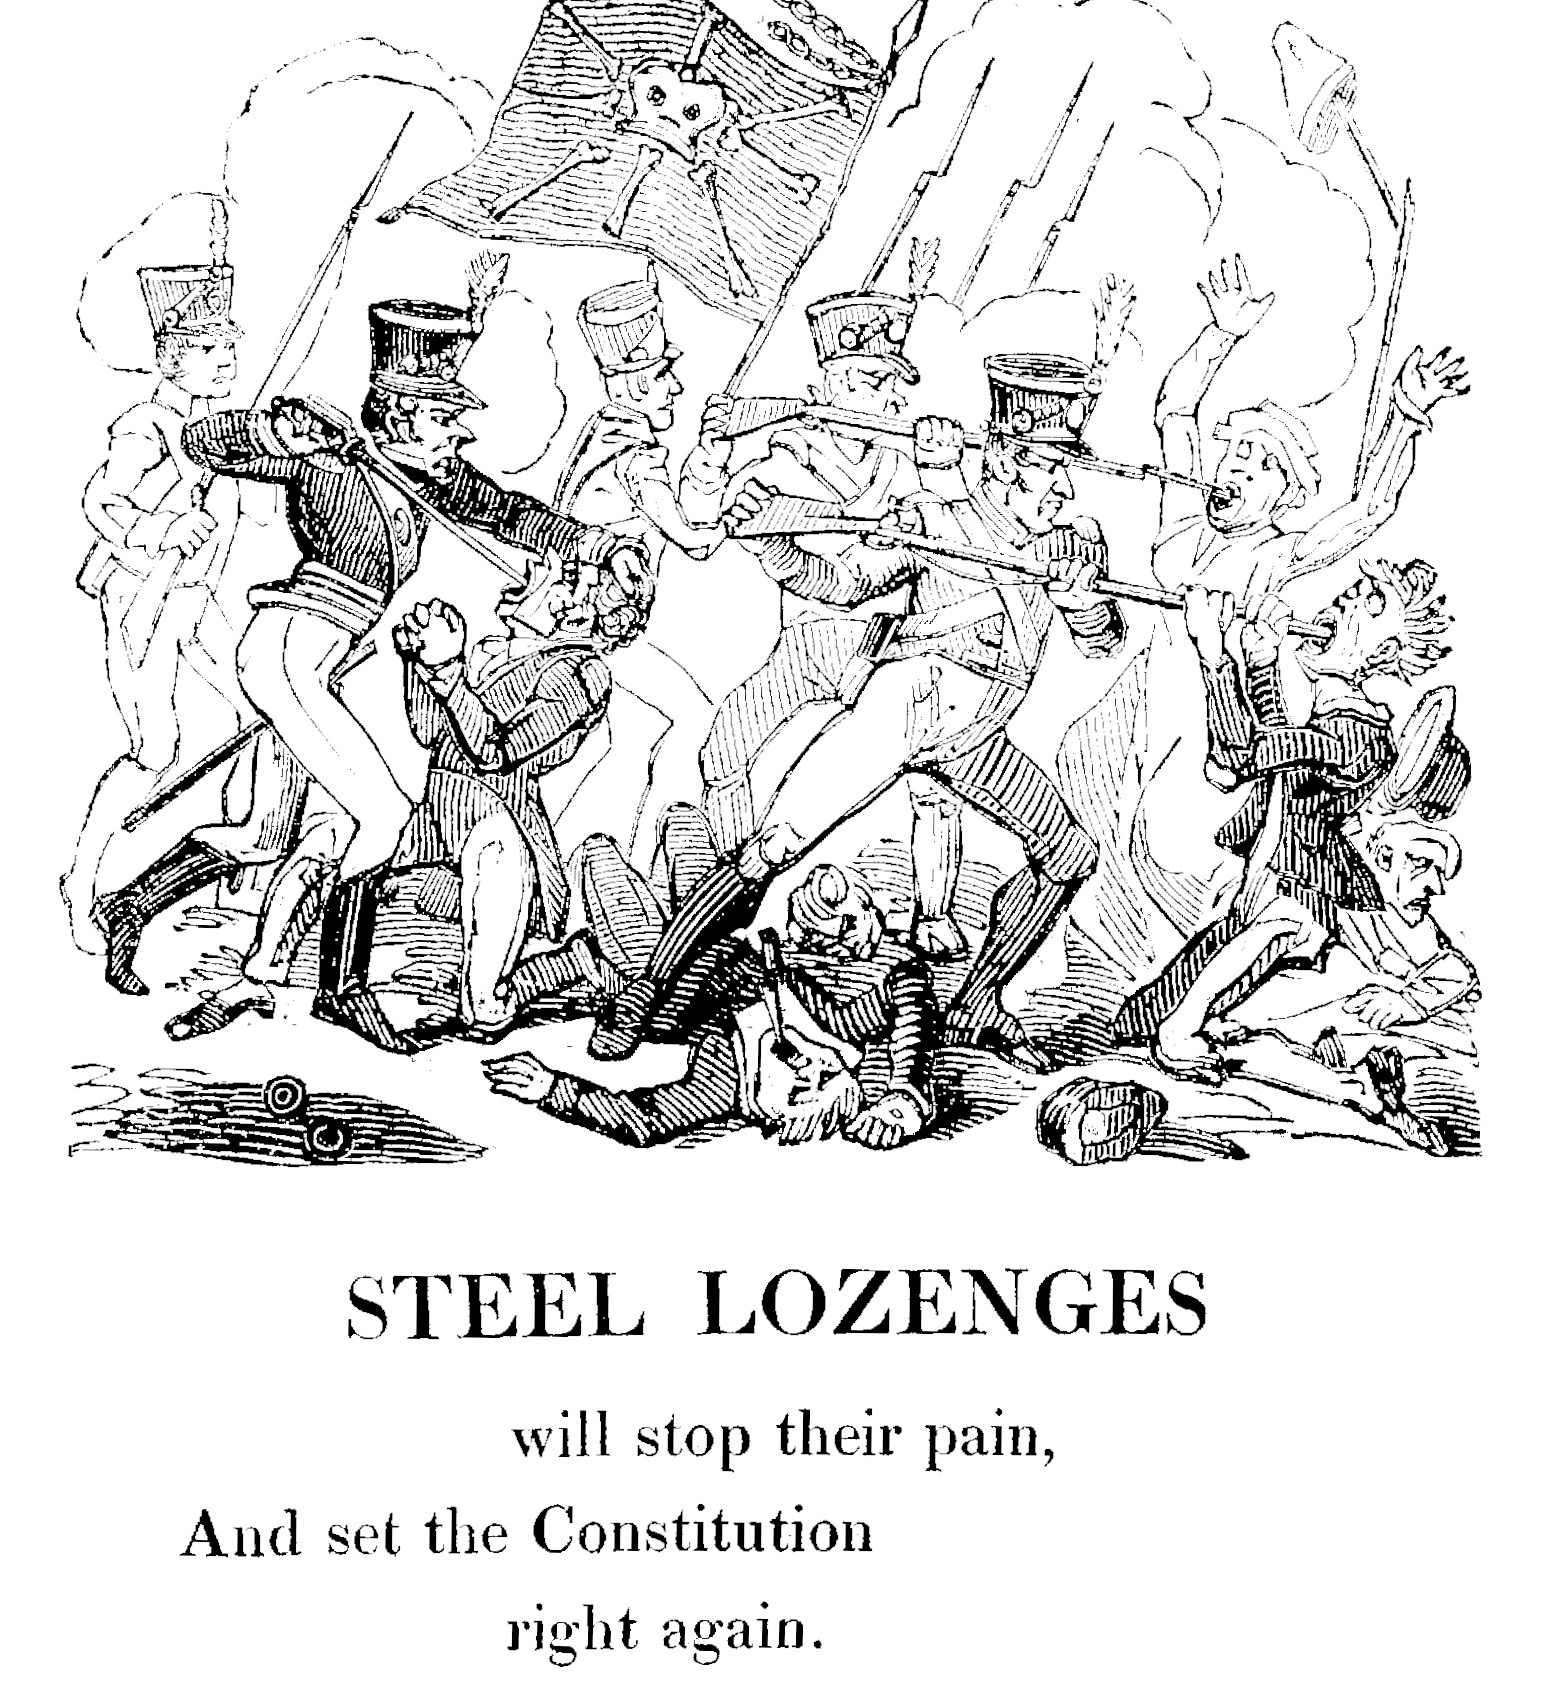 16 Aug Cruikshank 'Steel Lozenges'